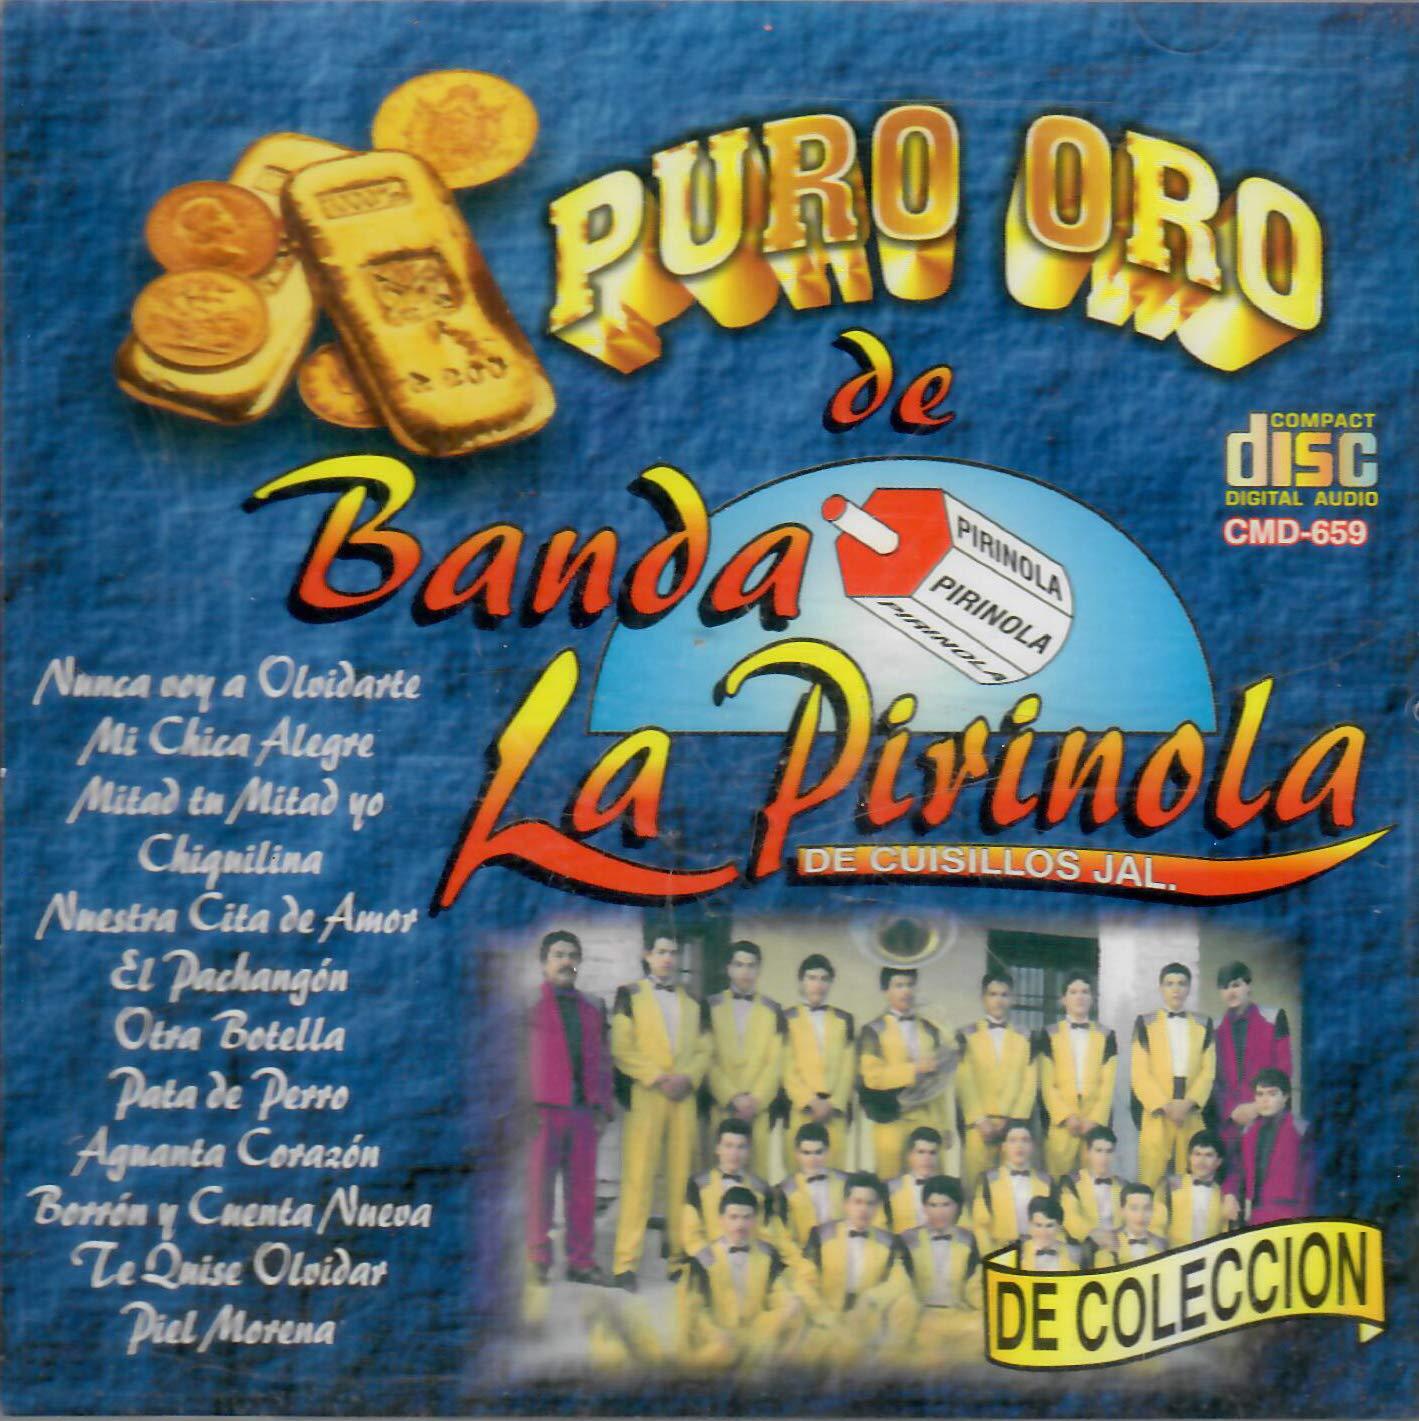 Banda La Pirinola - Banda La Pirinola (Puro Oro) CMD-659 ...